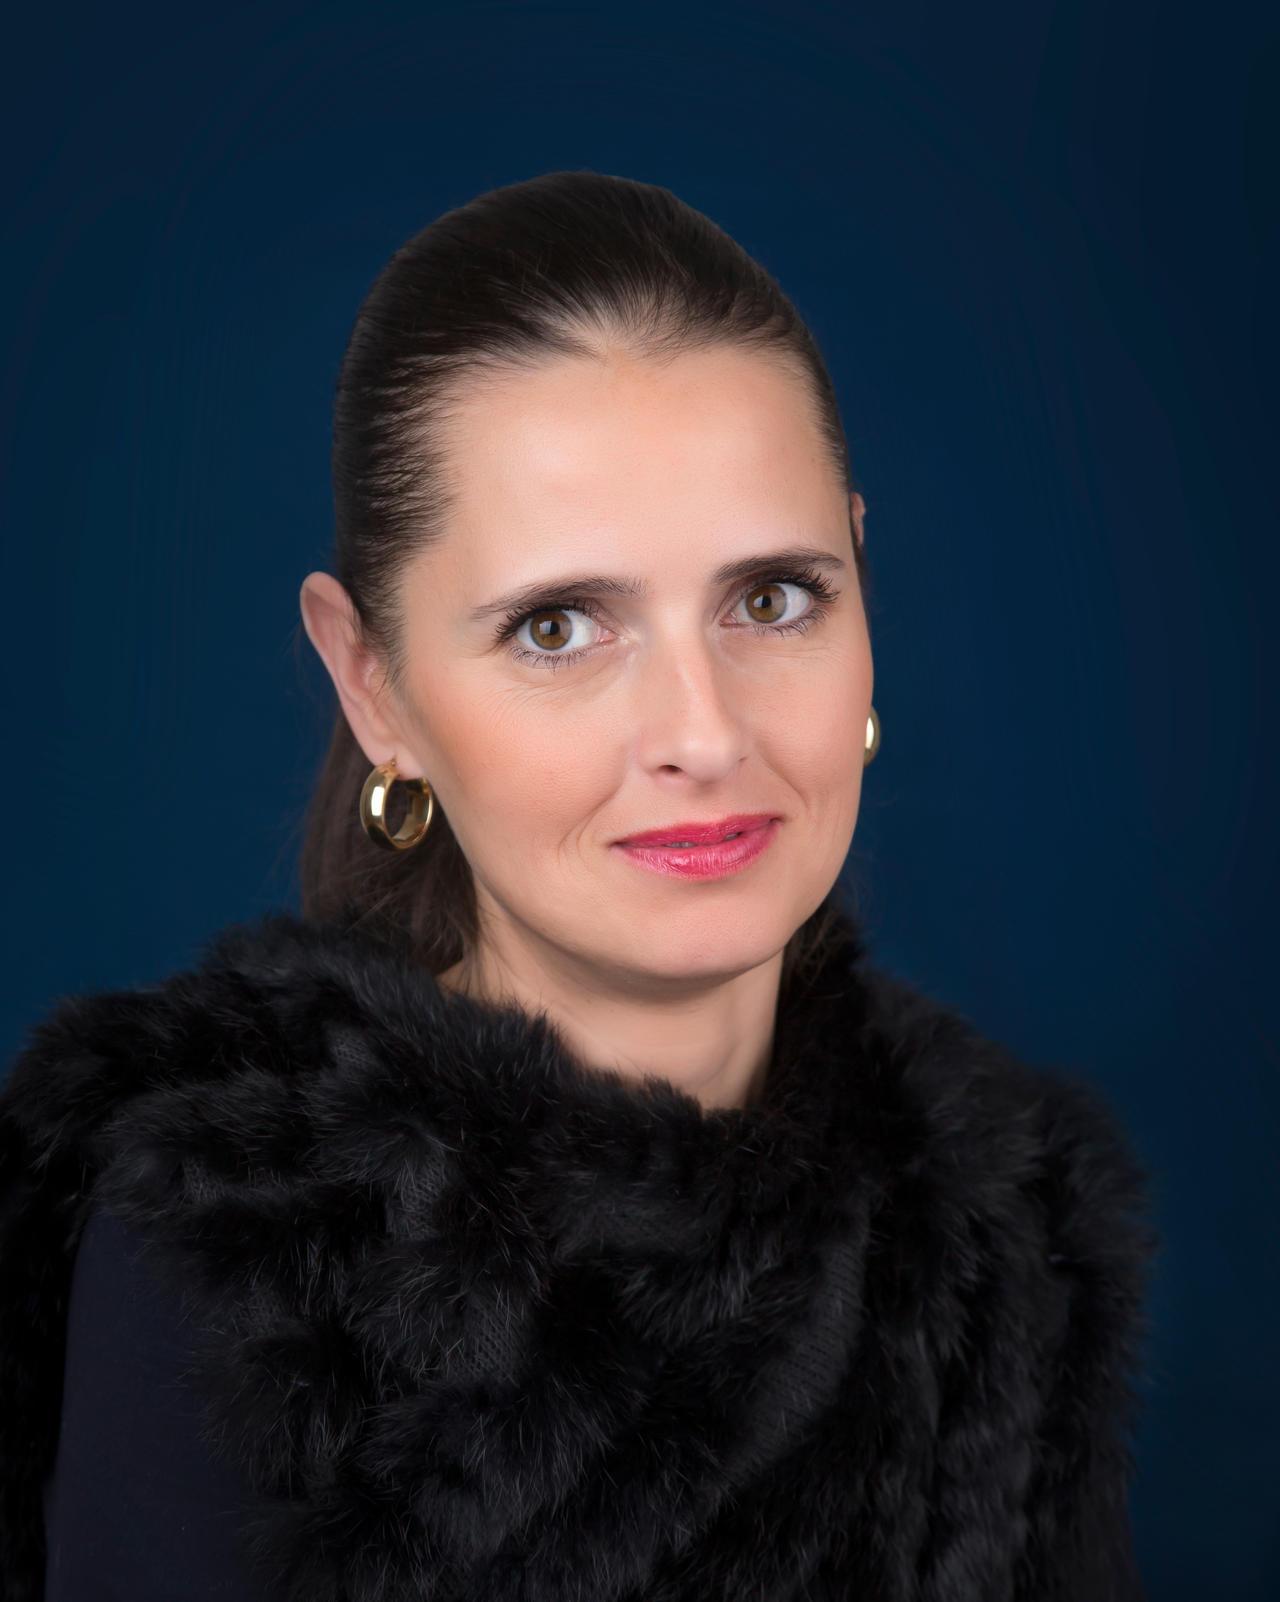 Portrait - My Wife